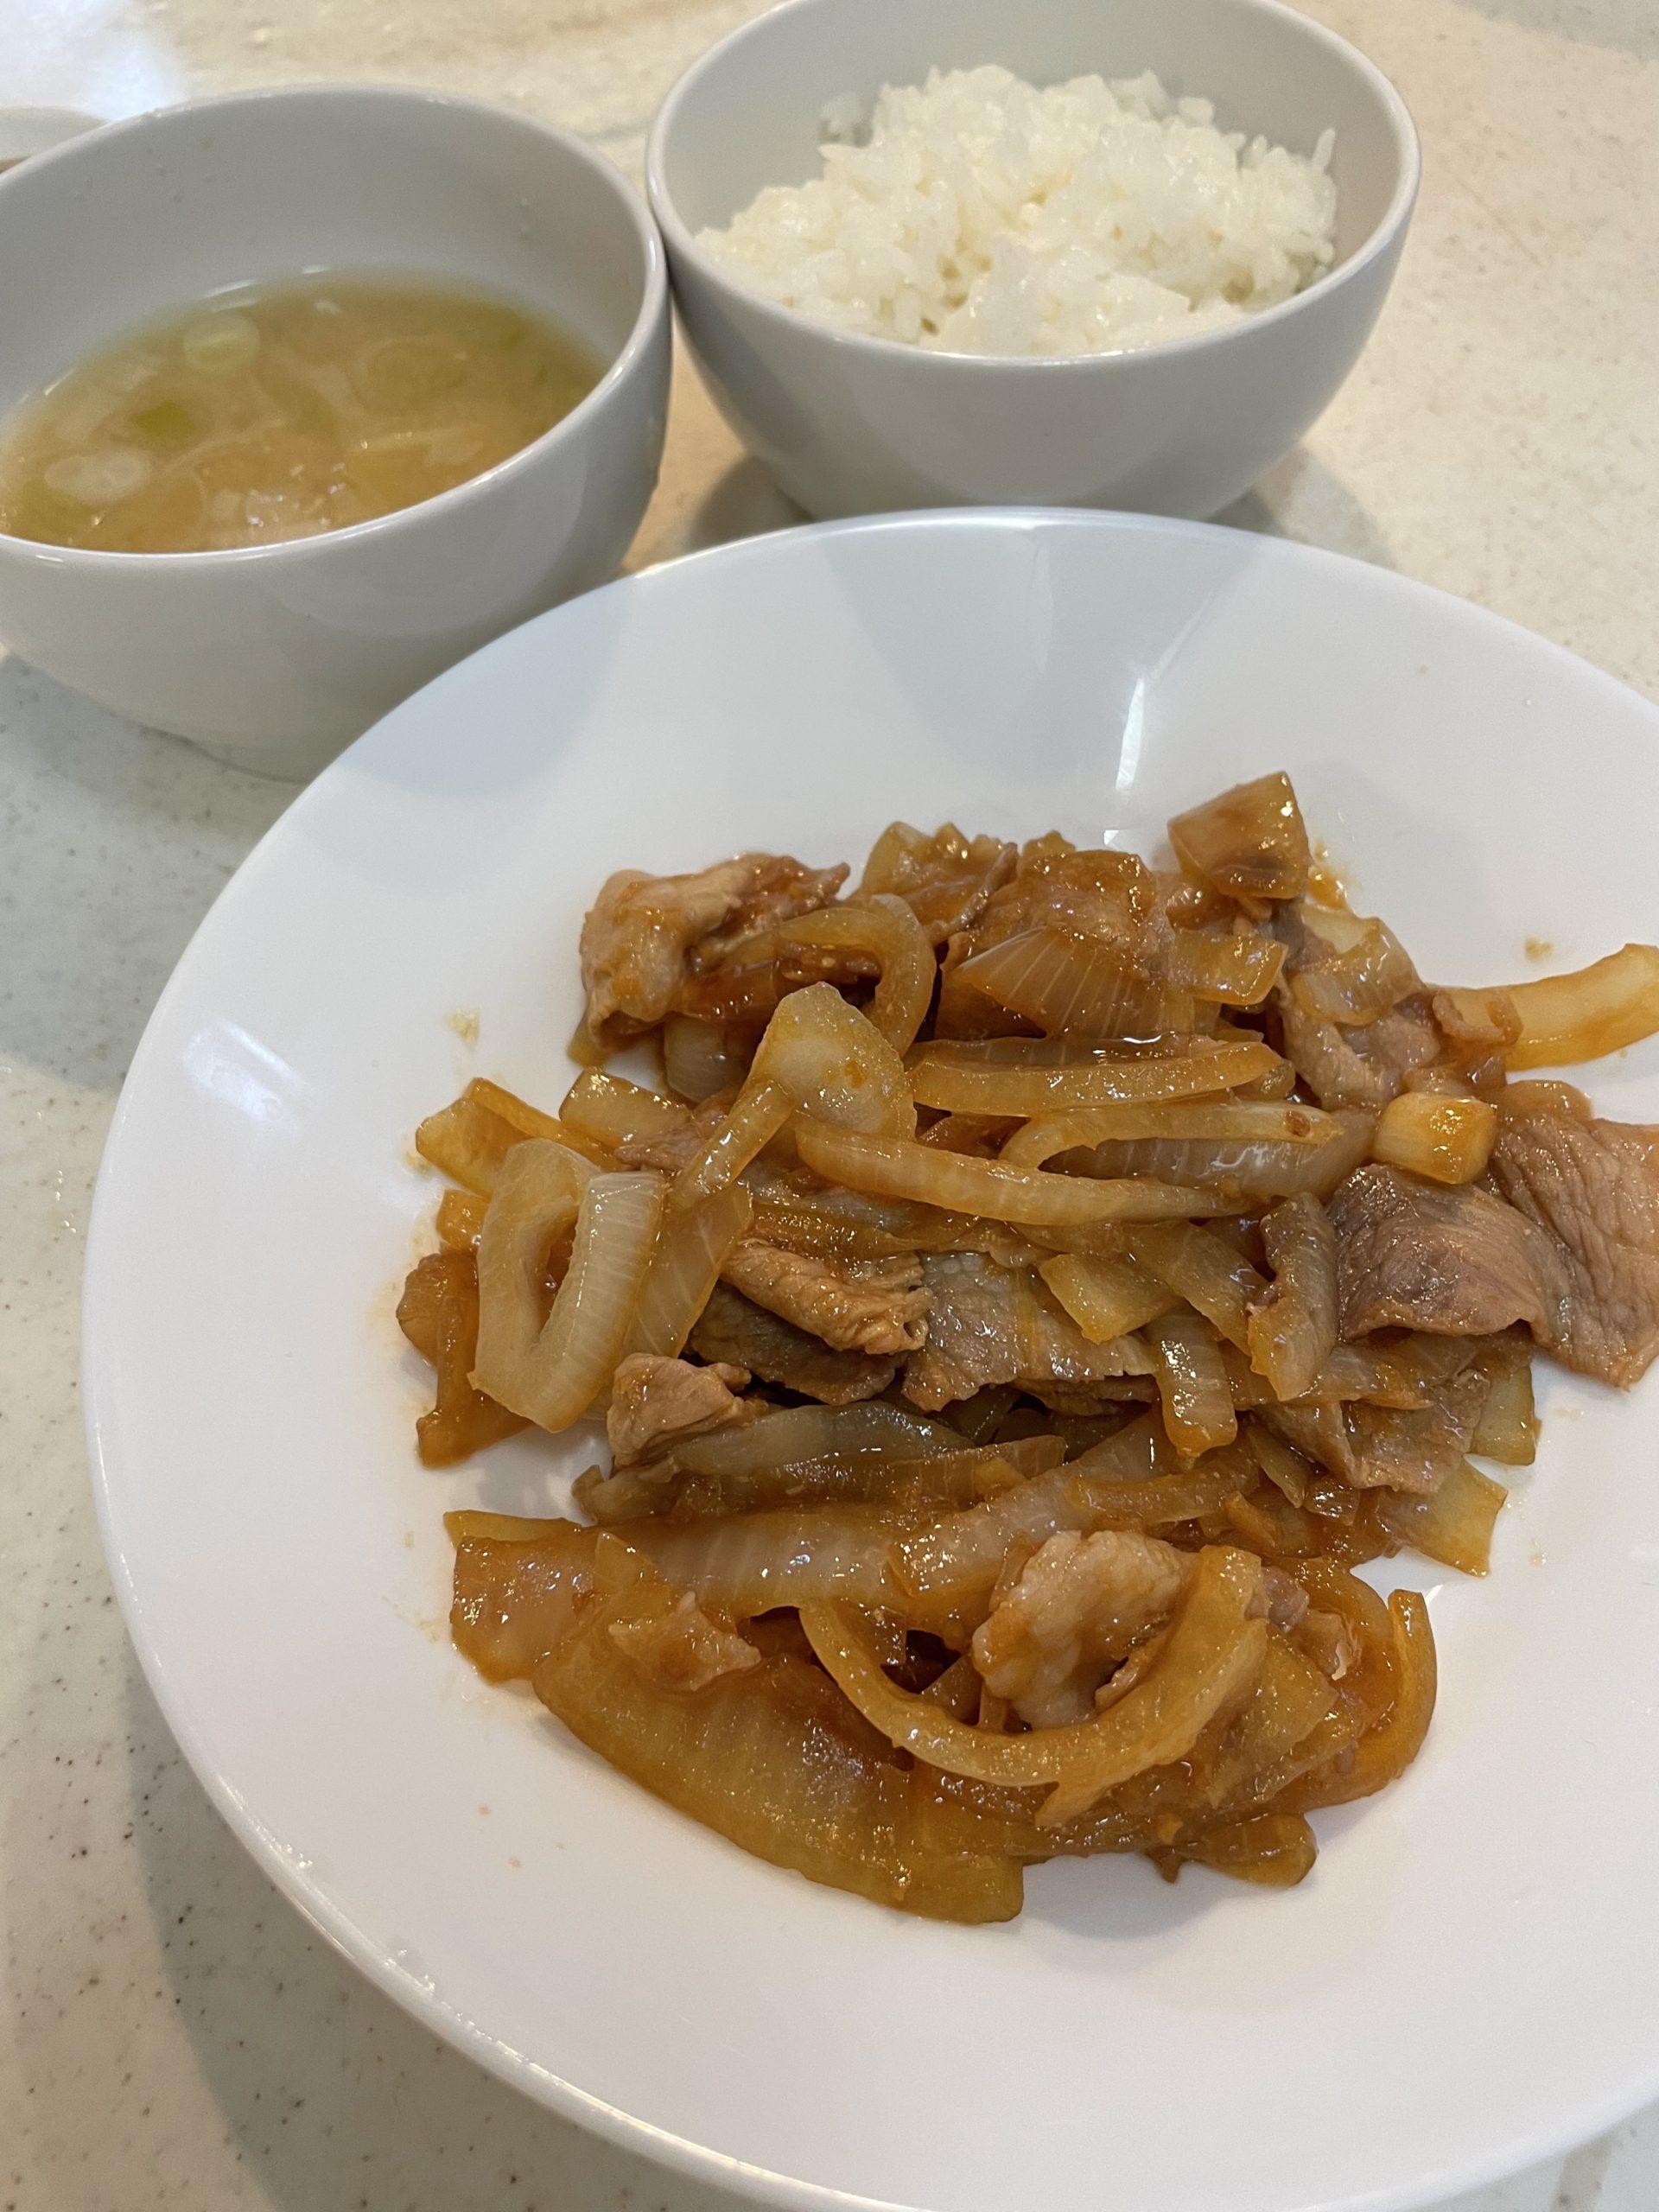 ロバート馬場さんの料理動画で生姜焼き定食